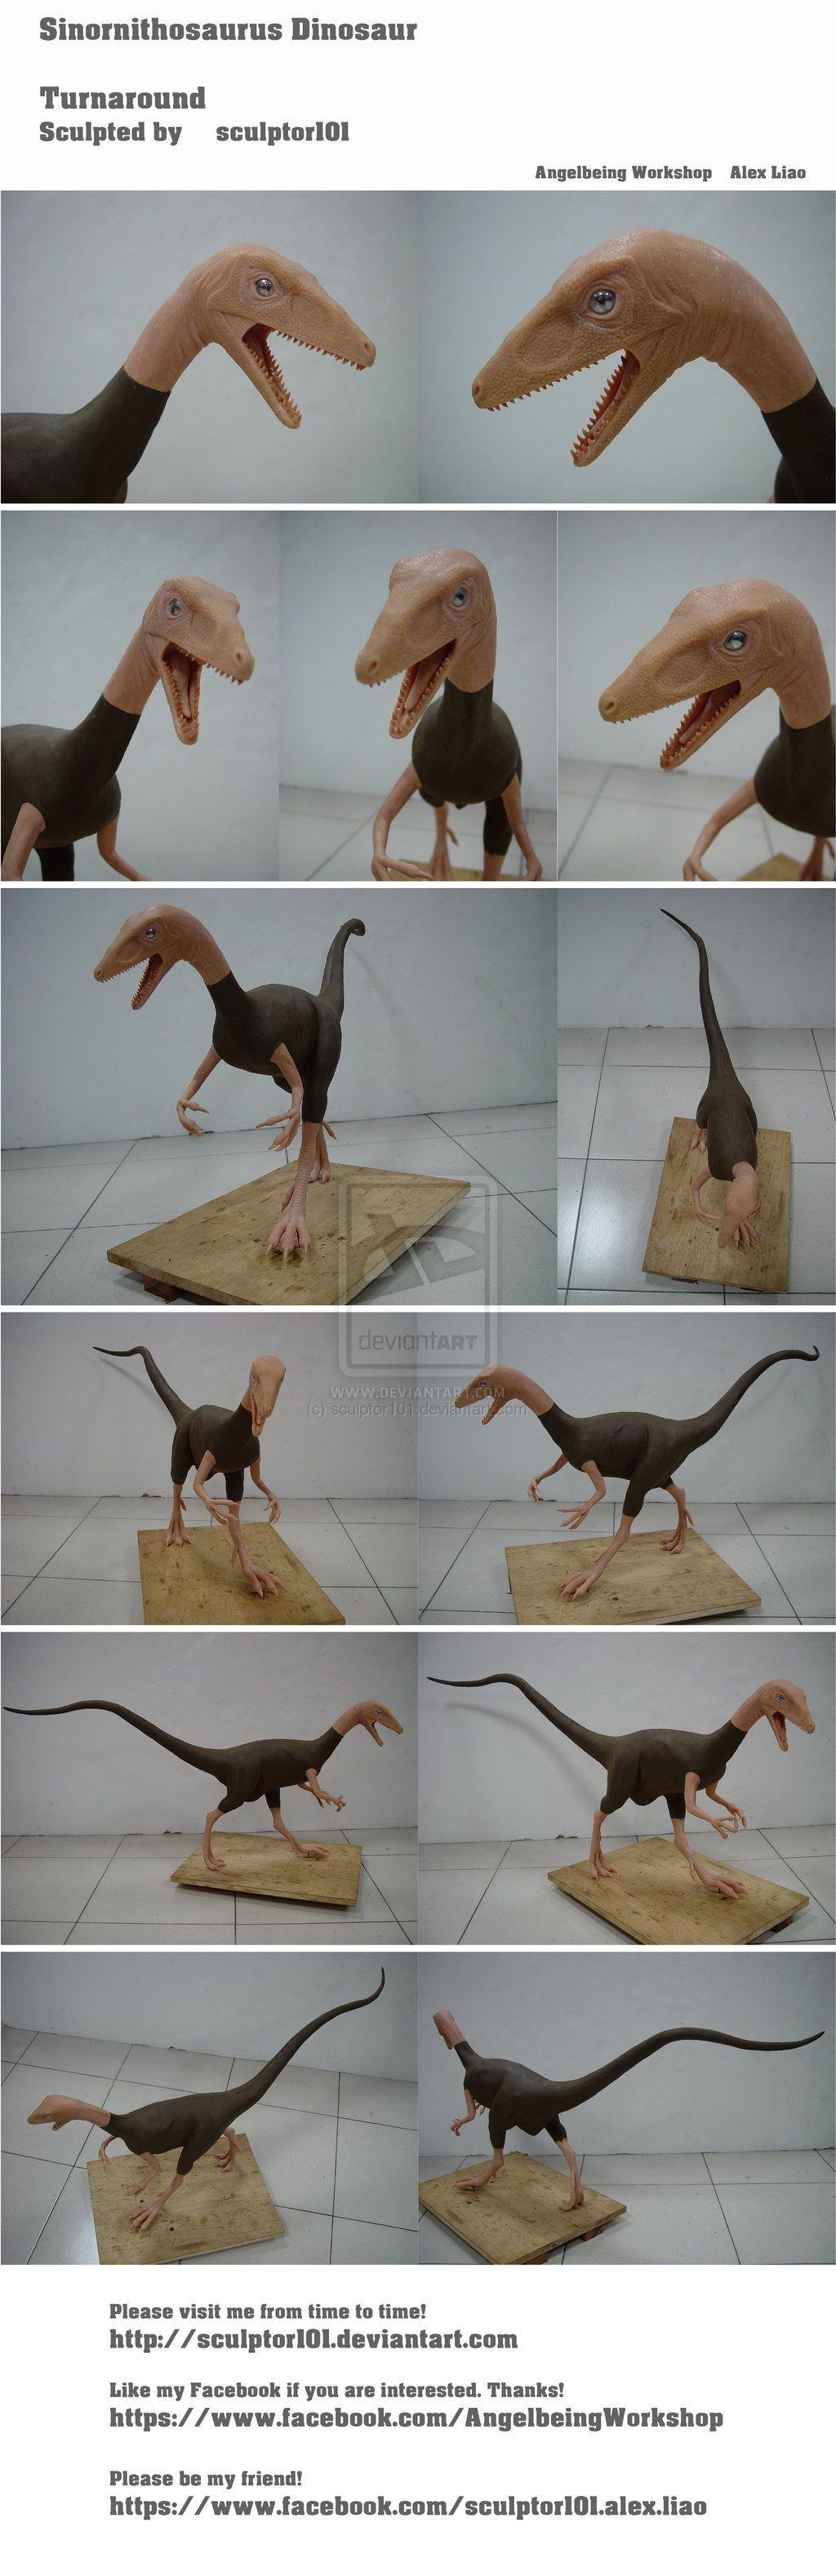 Sinornithosaurus Dinosaur Turnaround by sculptor101.deviantart.com on @deviantART #dinosaurpics